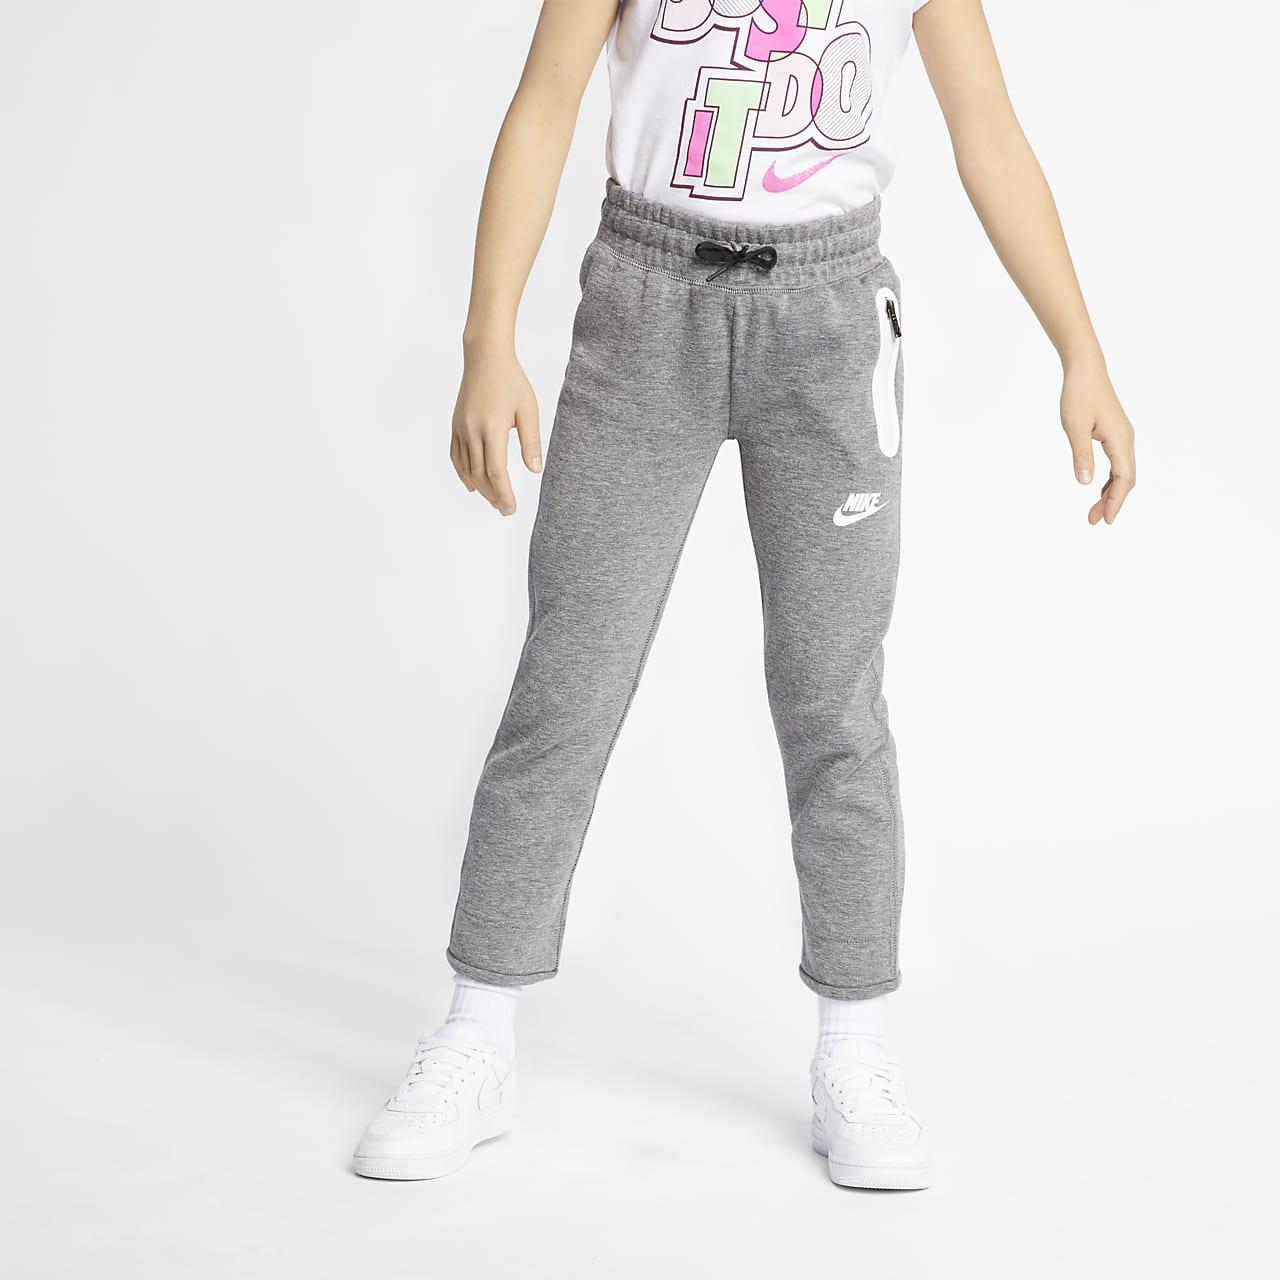 84729467033f Nike Sportswear Tech Fleece Little Kids  Pants. Nike.com